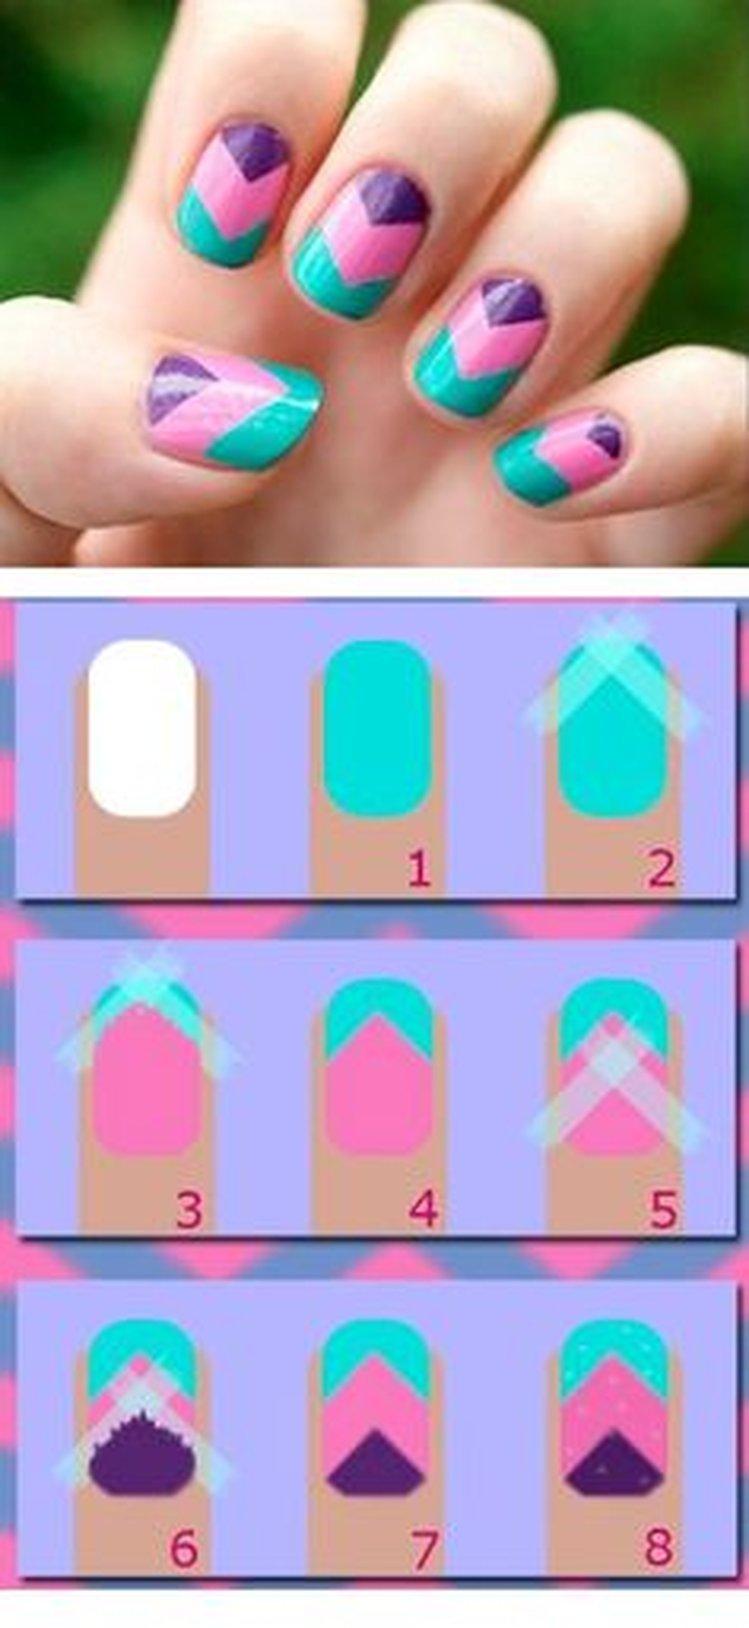 Рисунки на ногтях в домашних условиях. рисунки иголкой фото и схемы